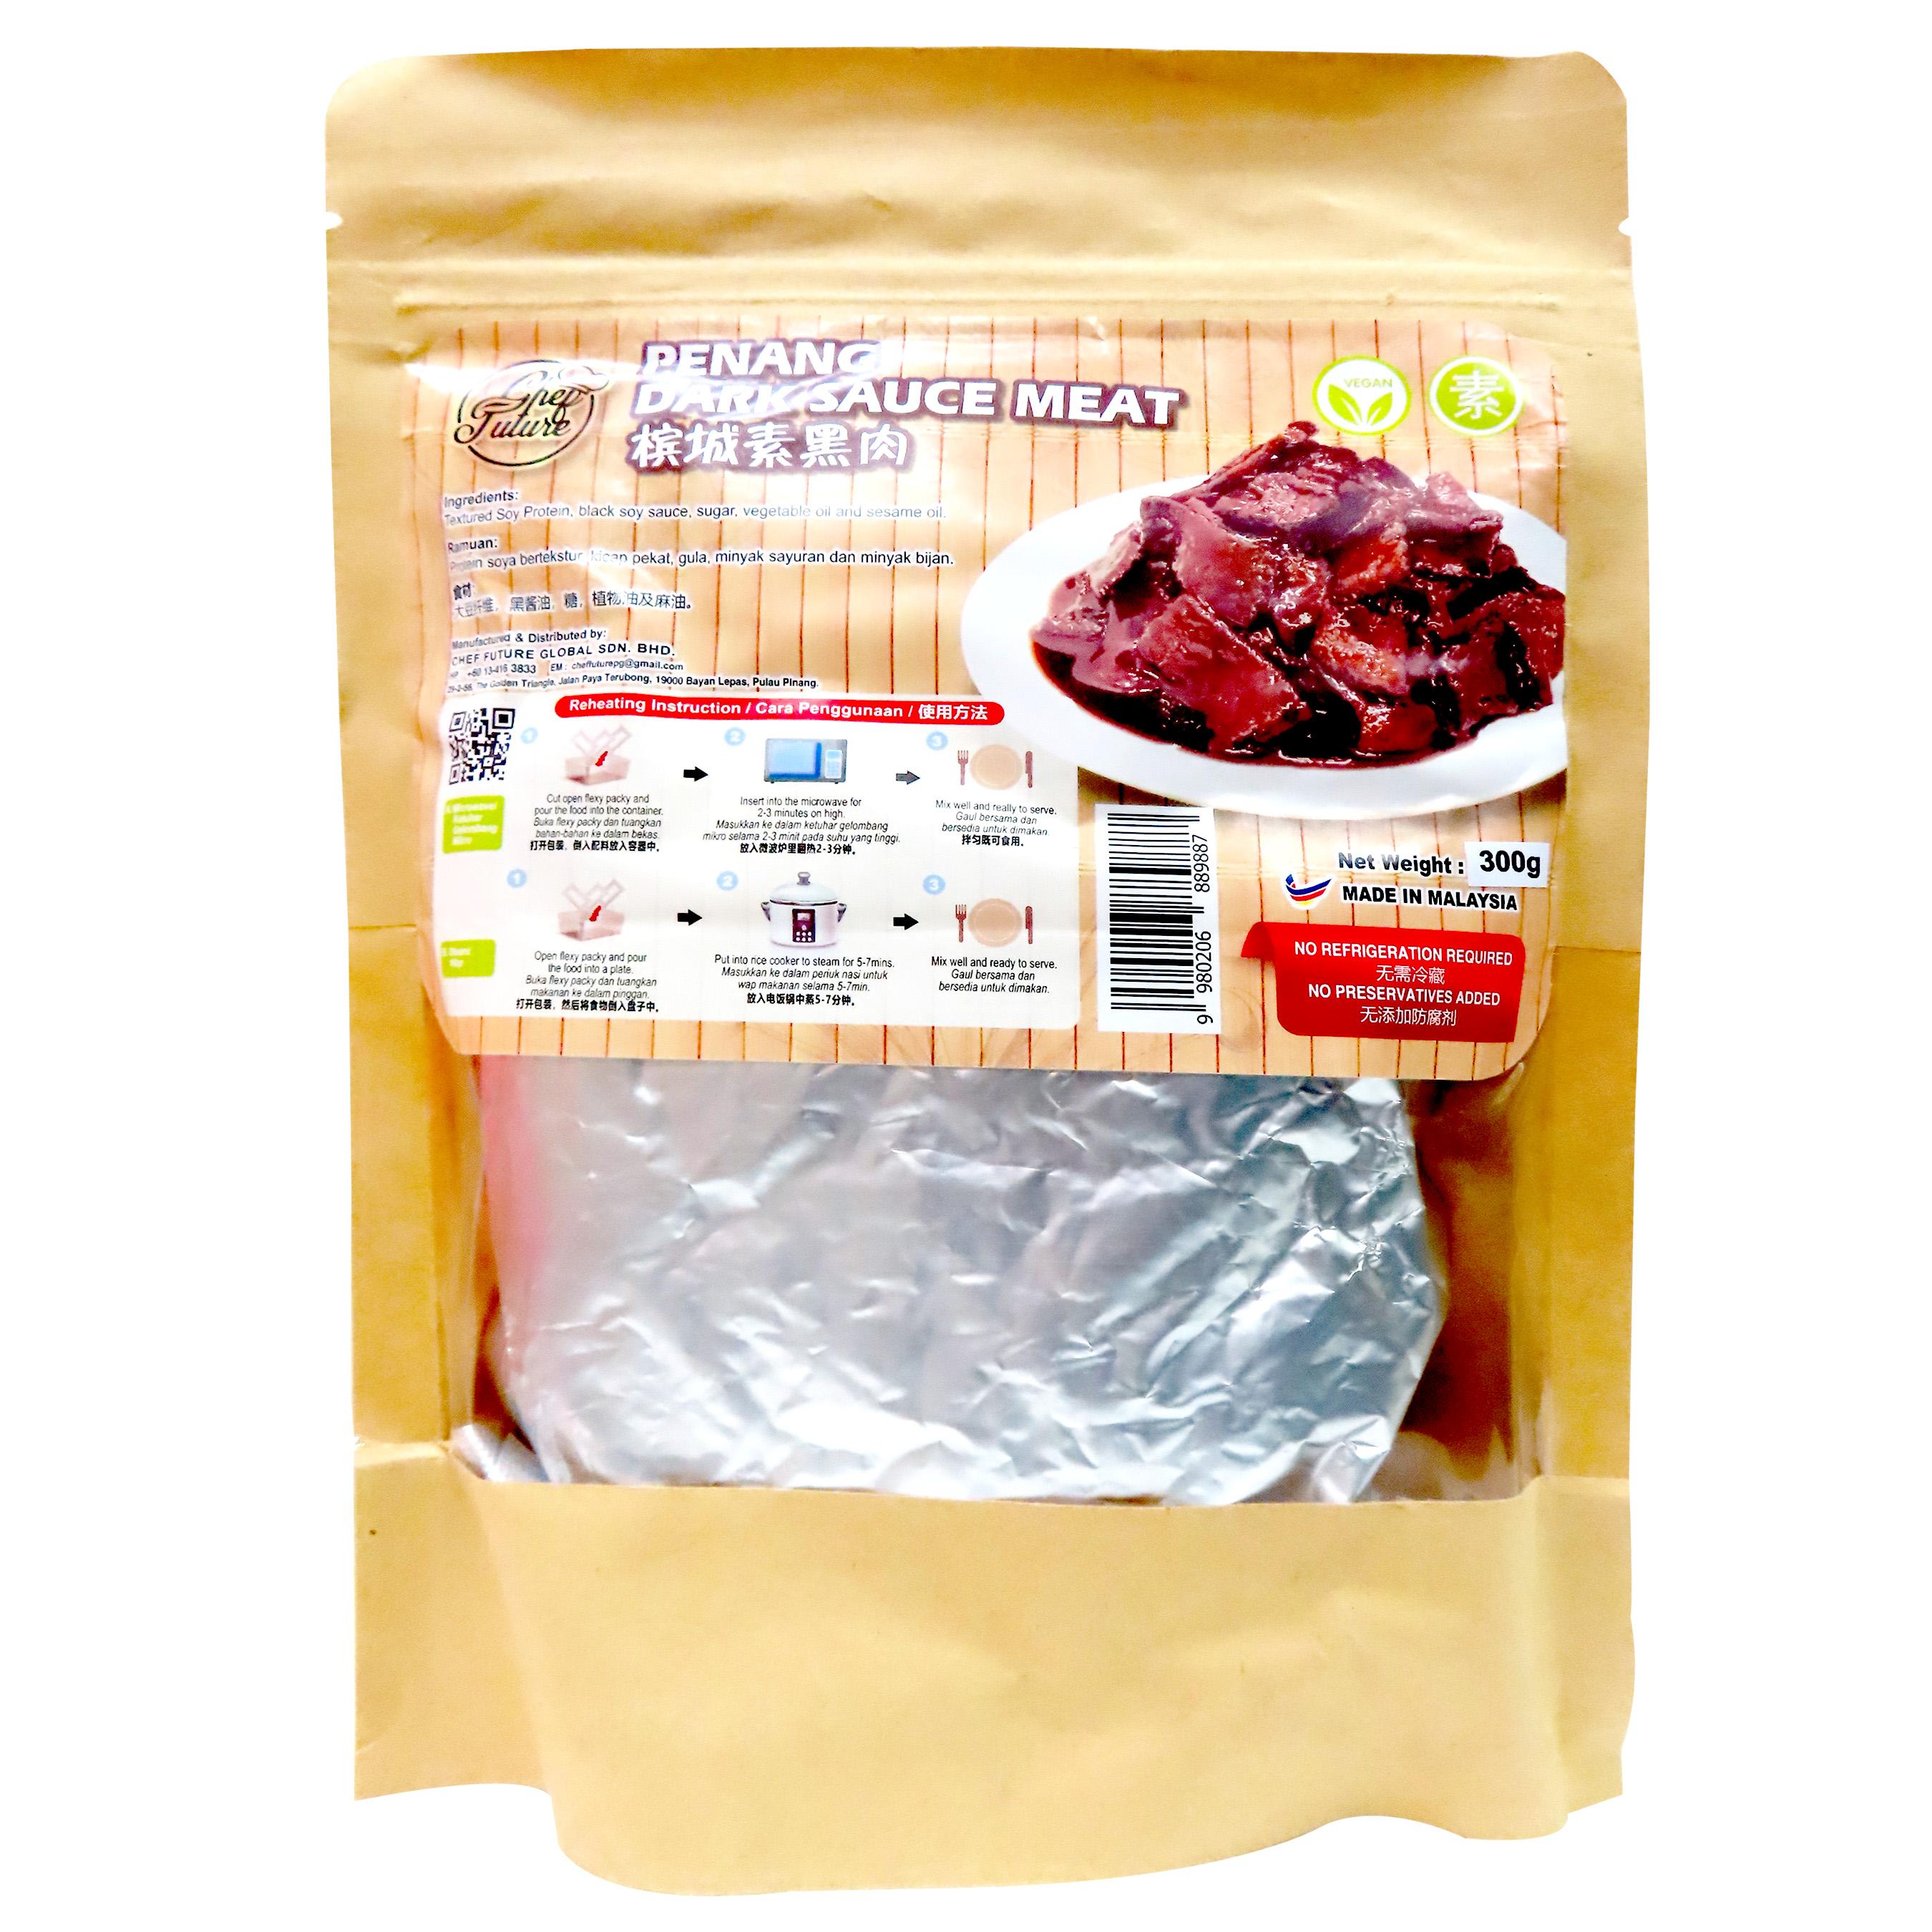 Image Penang Dark Sauce Meat 槟城素黑肉 300grams